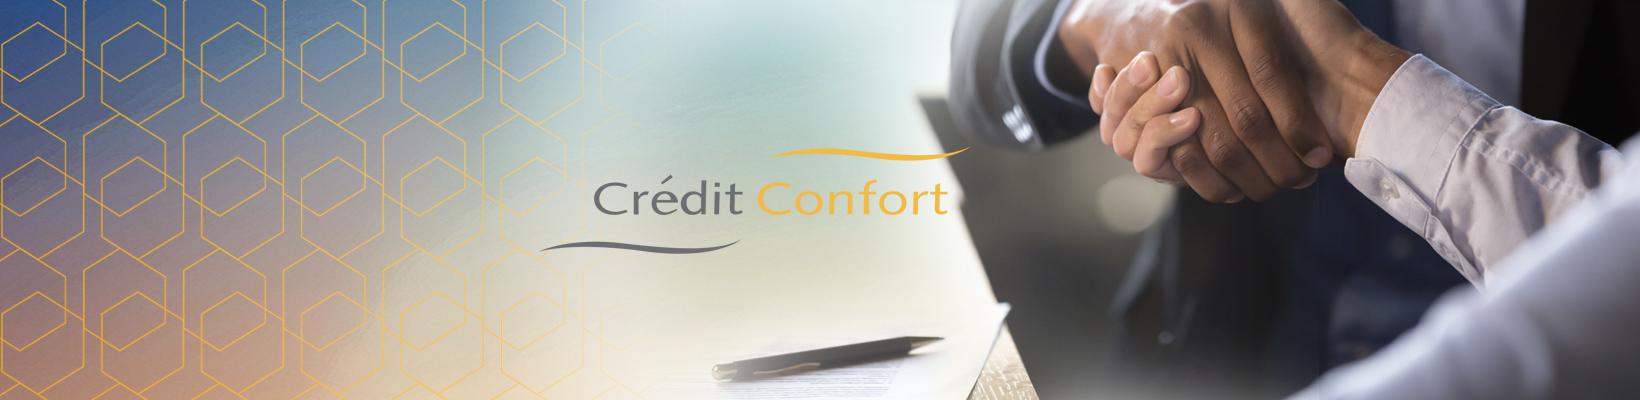 1640x400-credit-confort